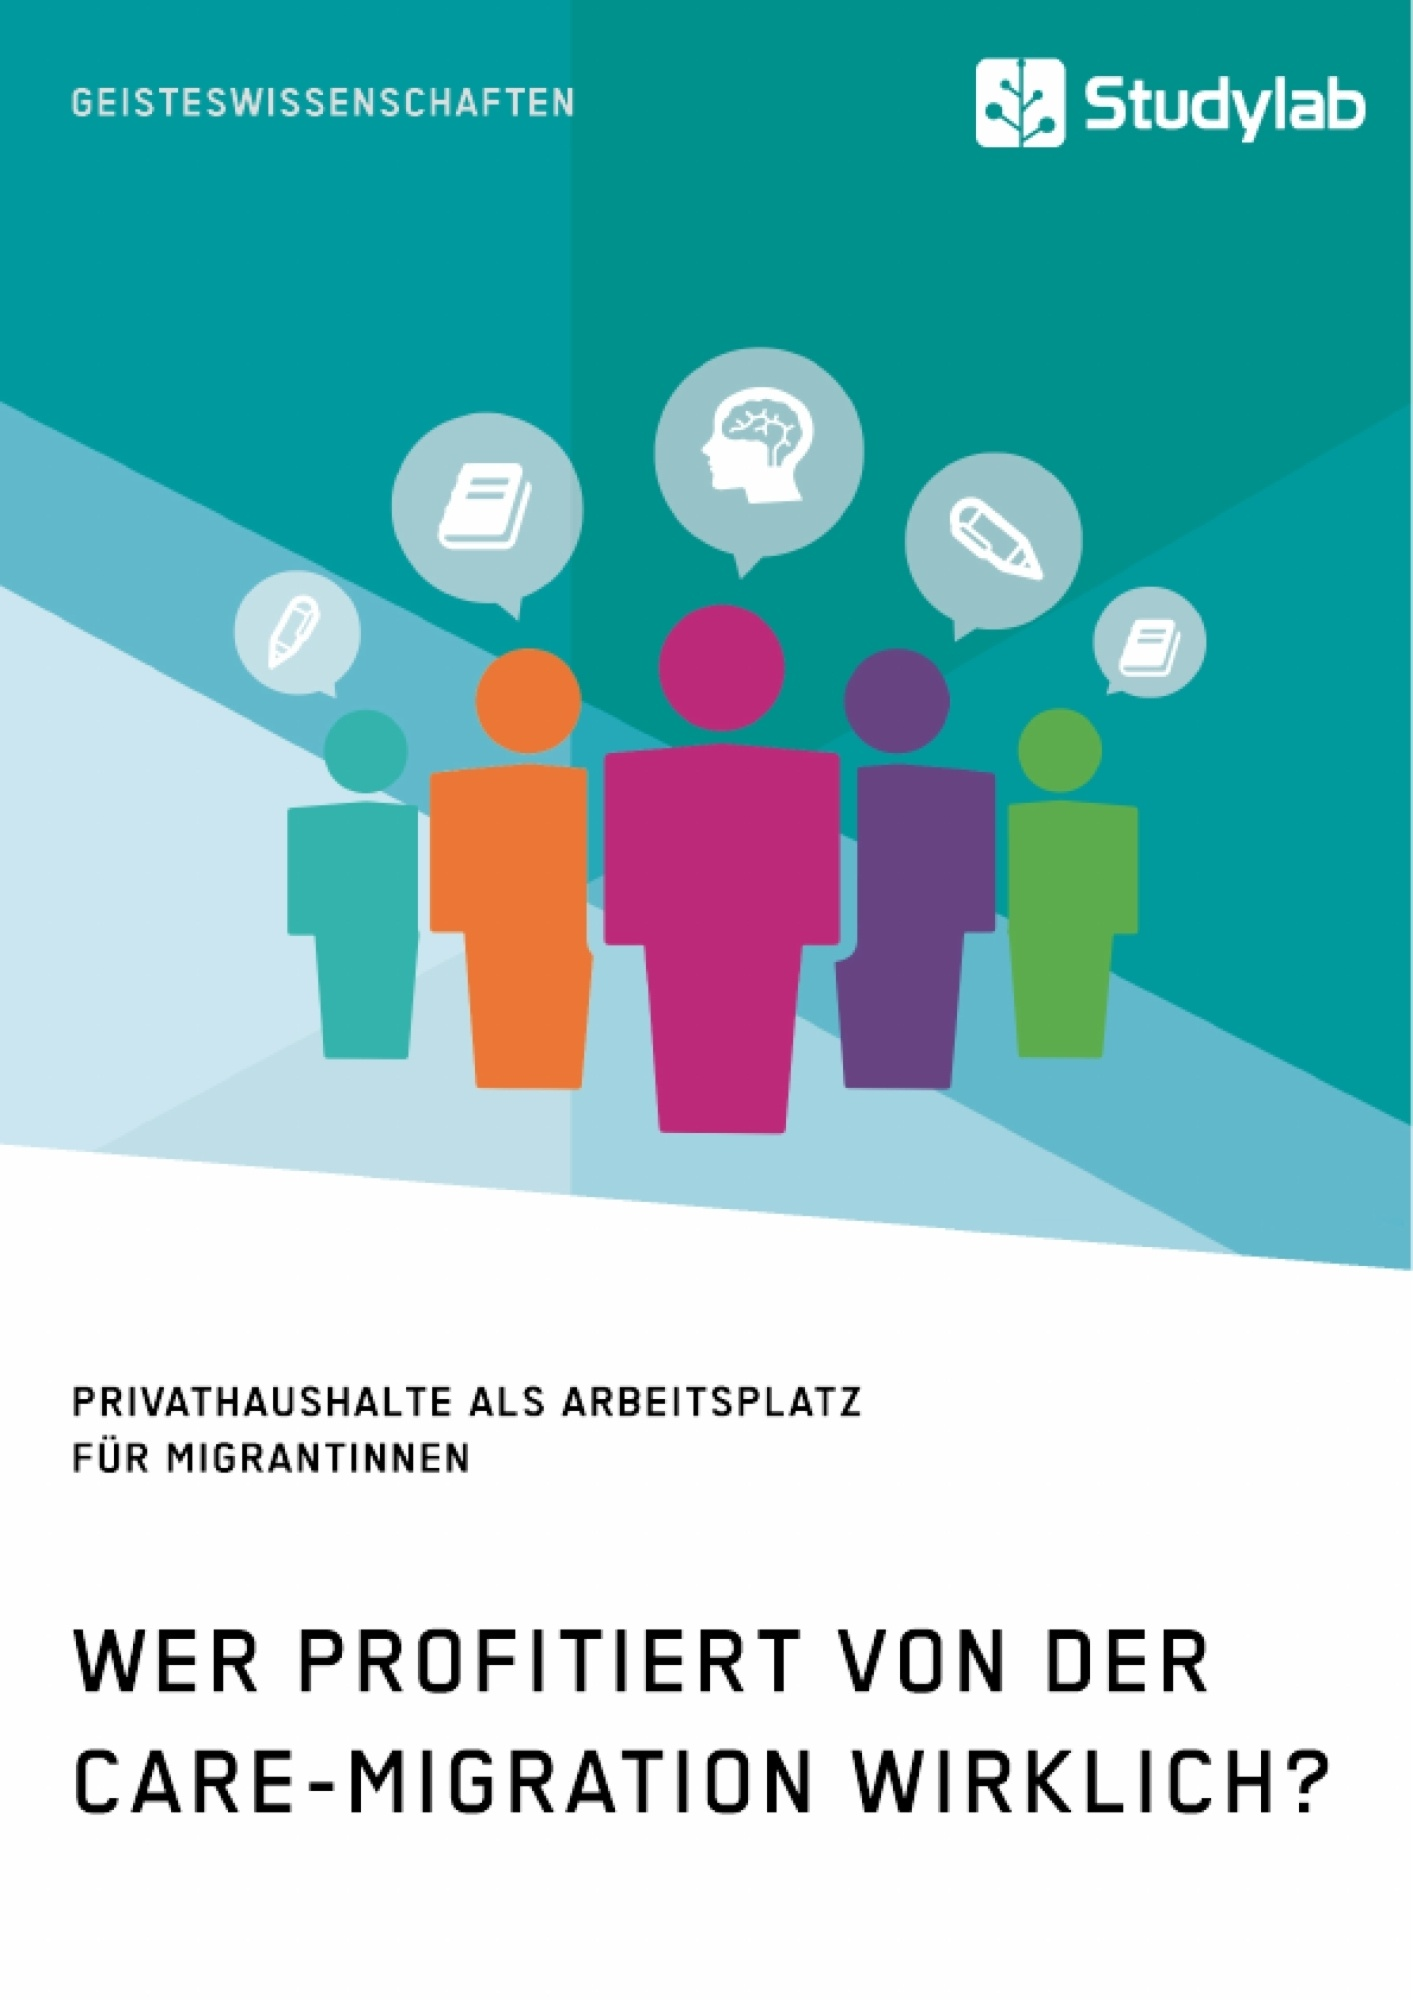 Titel: Wer profitiert von der Care-Migration wirklich? Privathaushalte als Arbeitsplatz für Migrantinnen